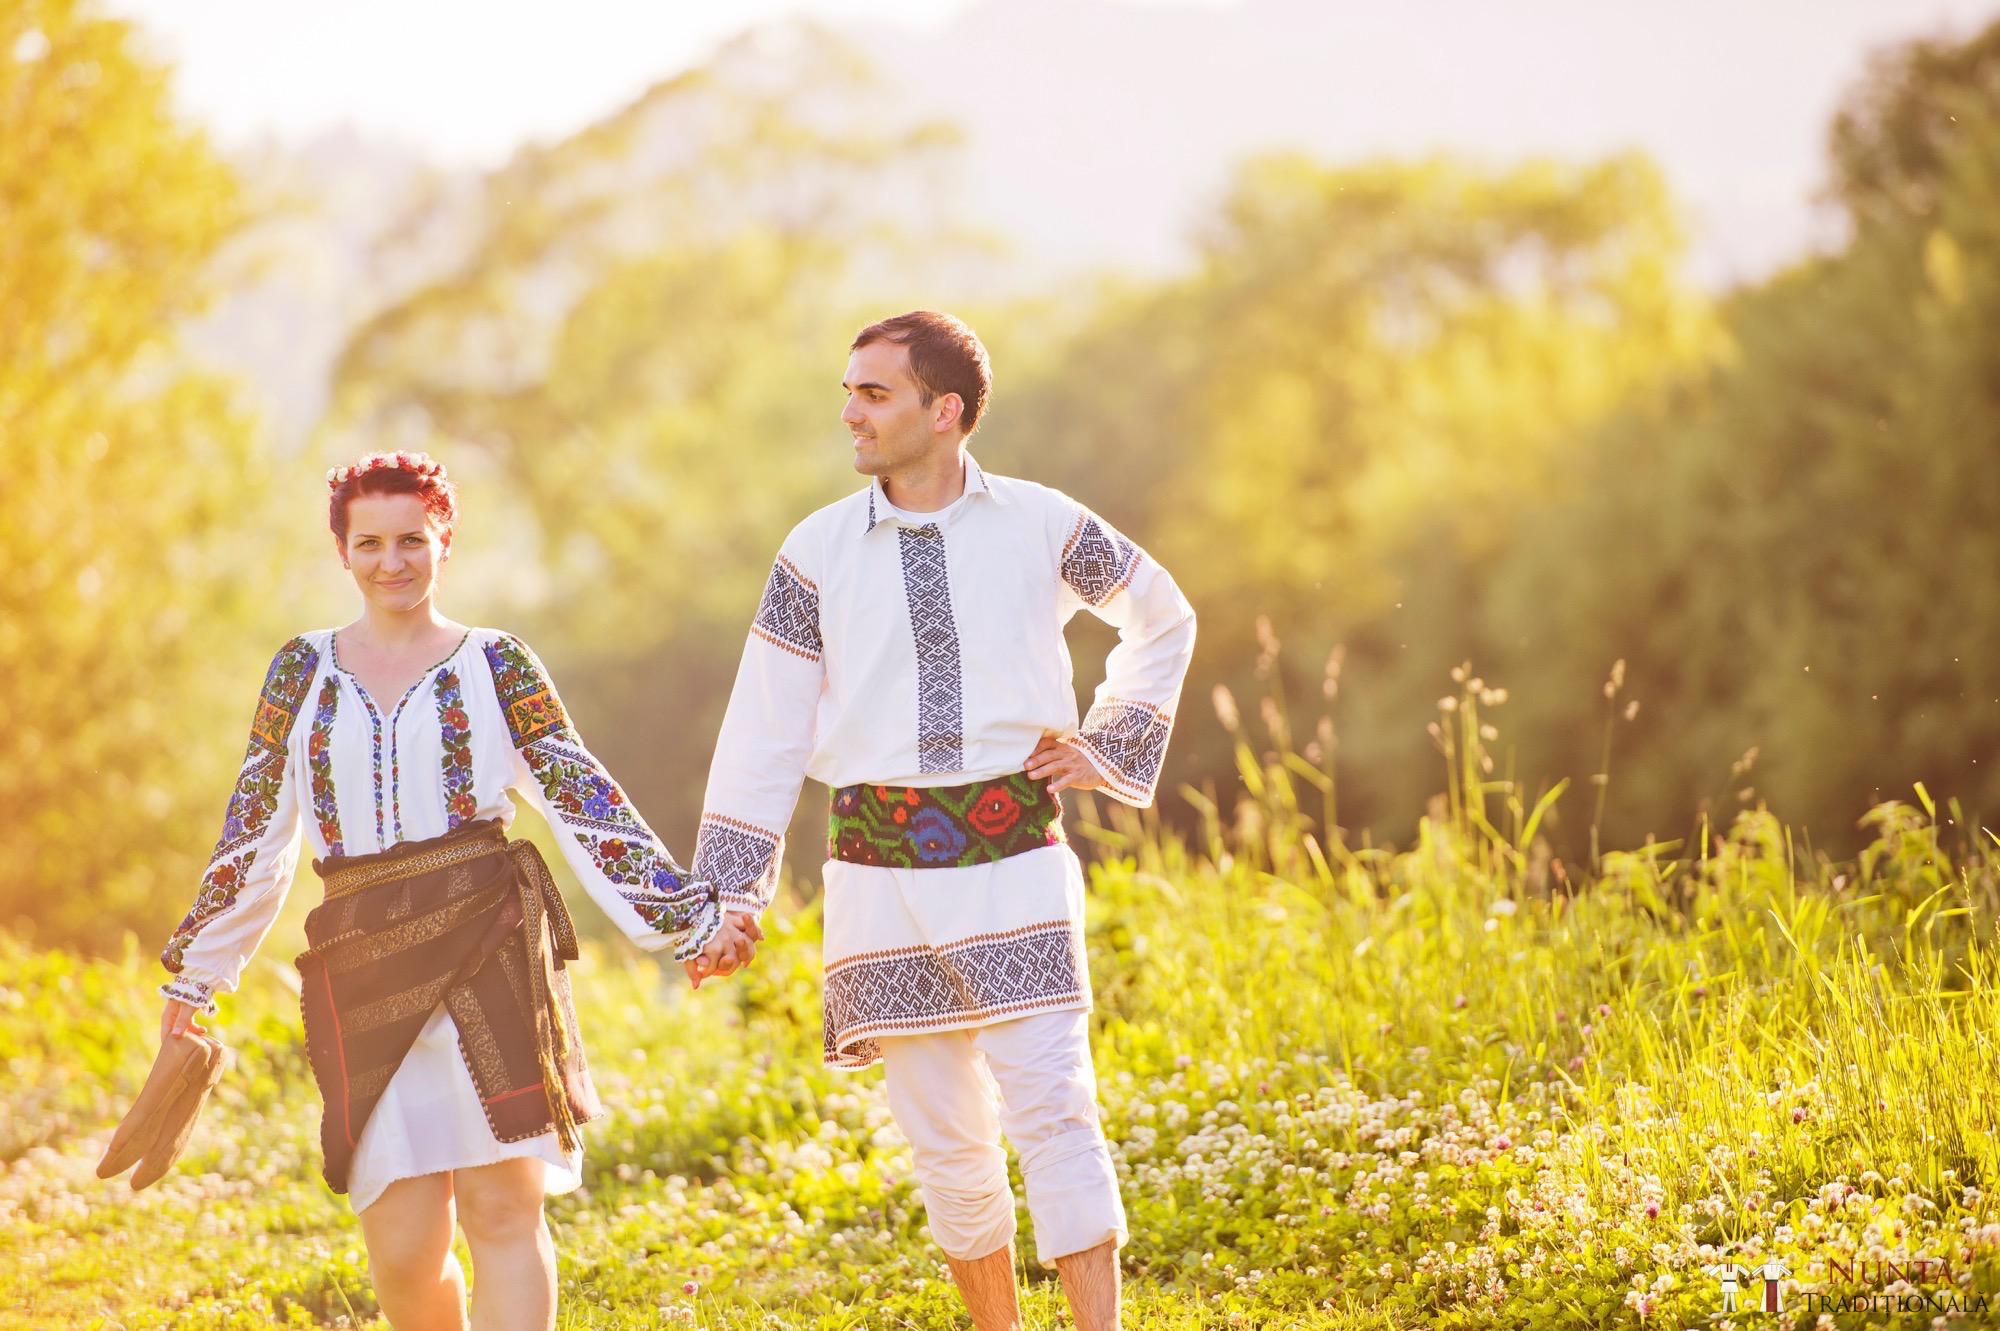 Povești Nunți Tradiționale - Gabriela și Mădălin - Nuntă Tradițională în Suceava, Bucovina 7